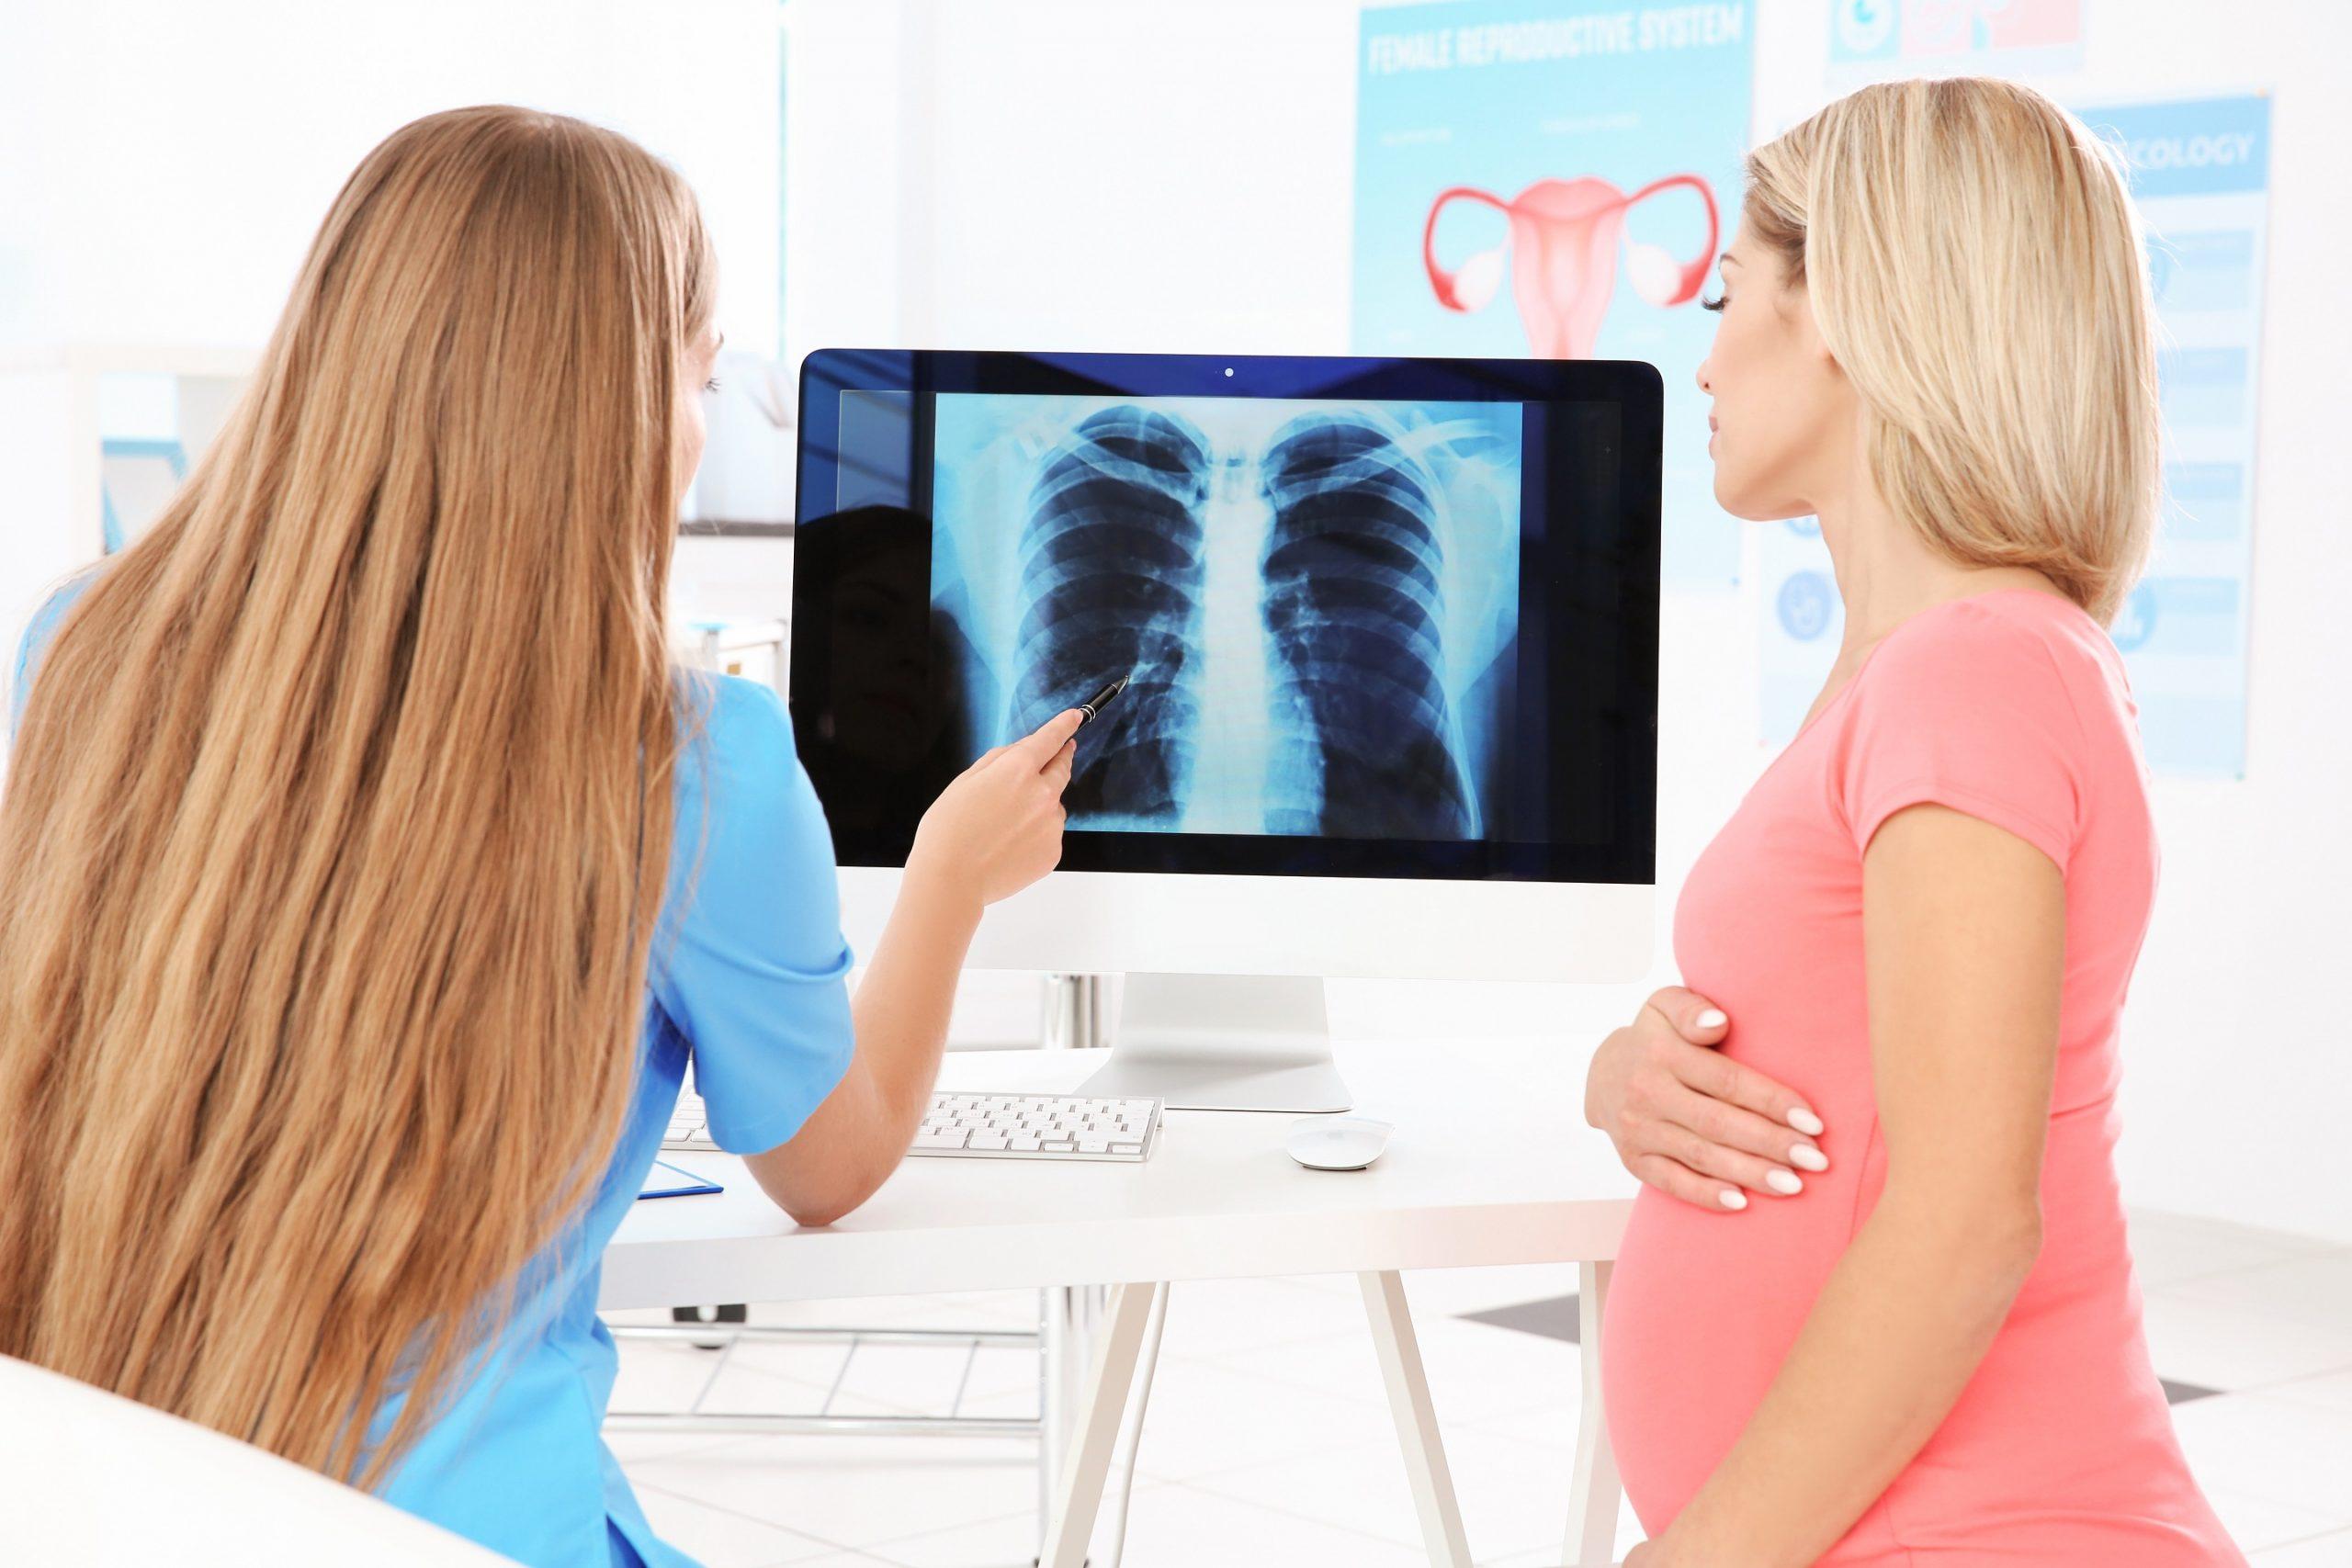 خطرات اشعه ایکس در دوران بارداری